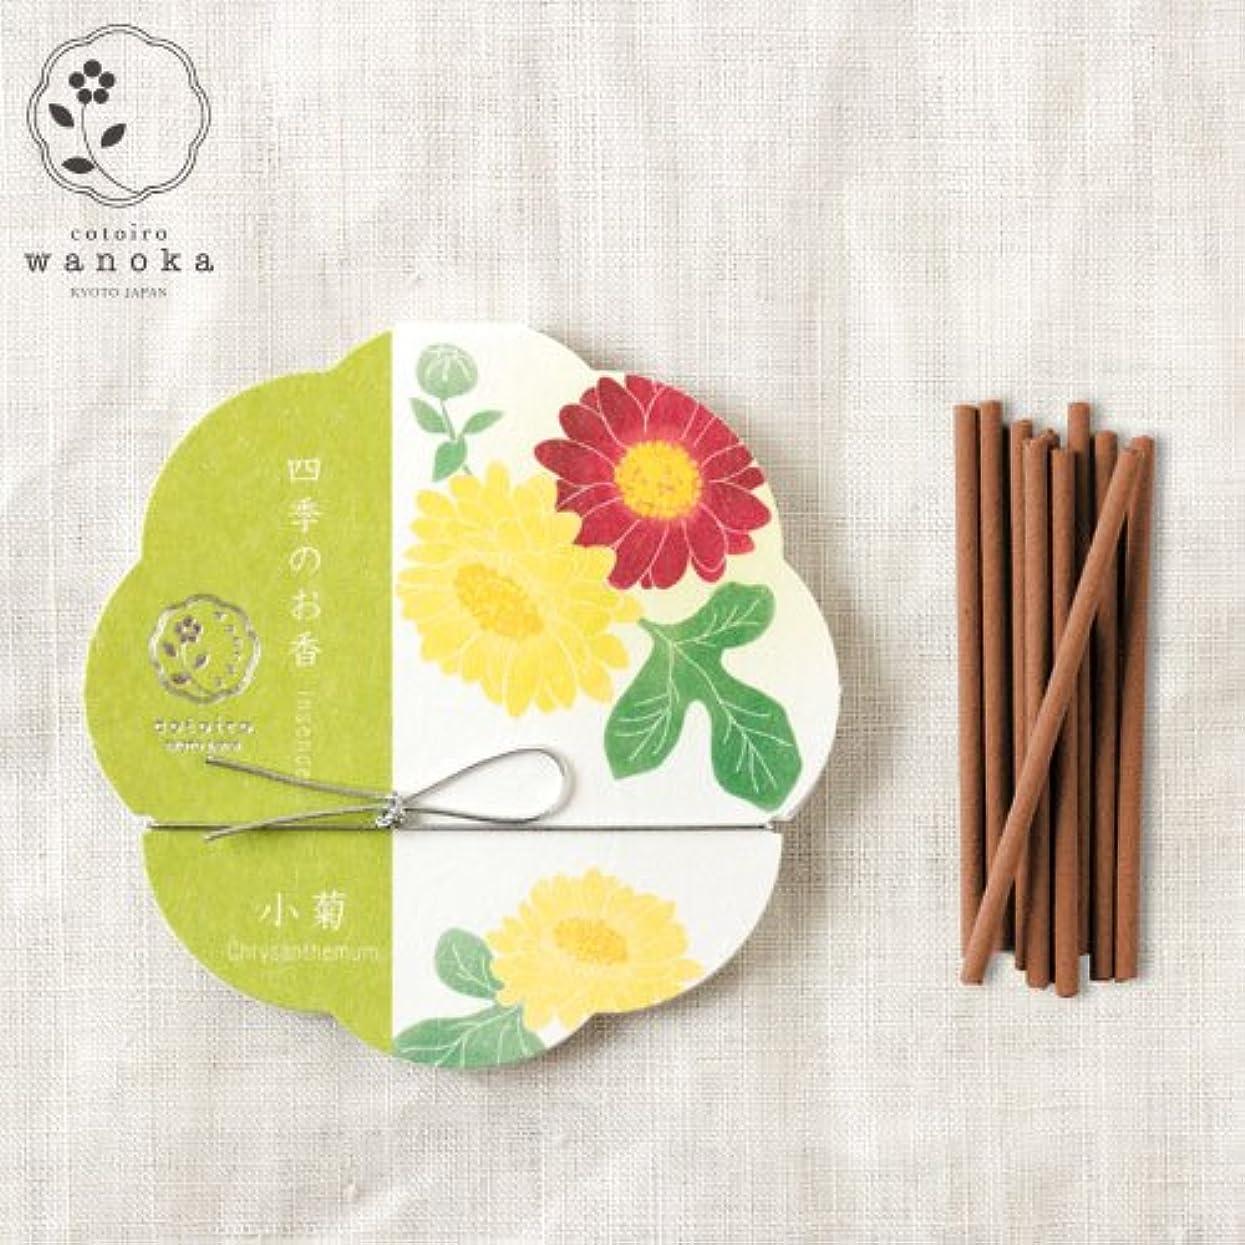 飲料ある谷wanoka四季のお香(インセンス)小菊《小菊をイメージした優しい香り》ART LABIncense stick